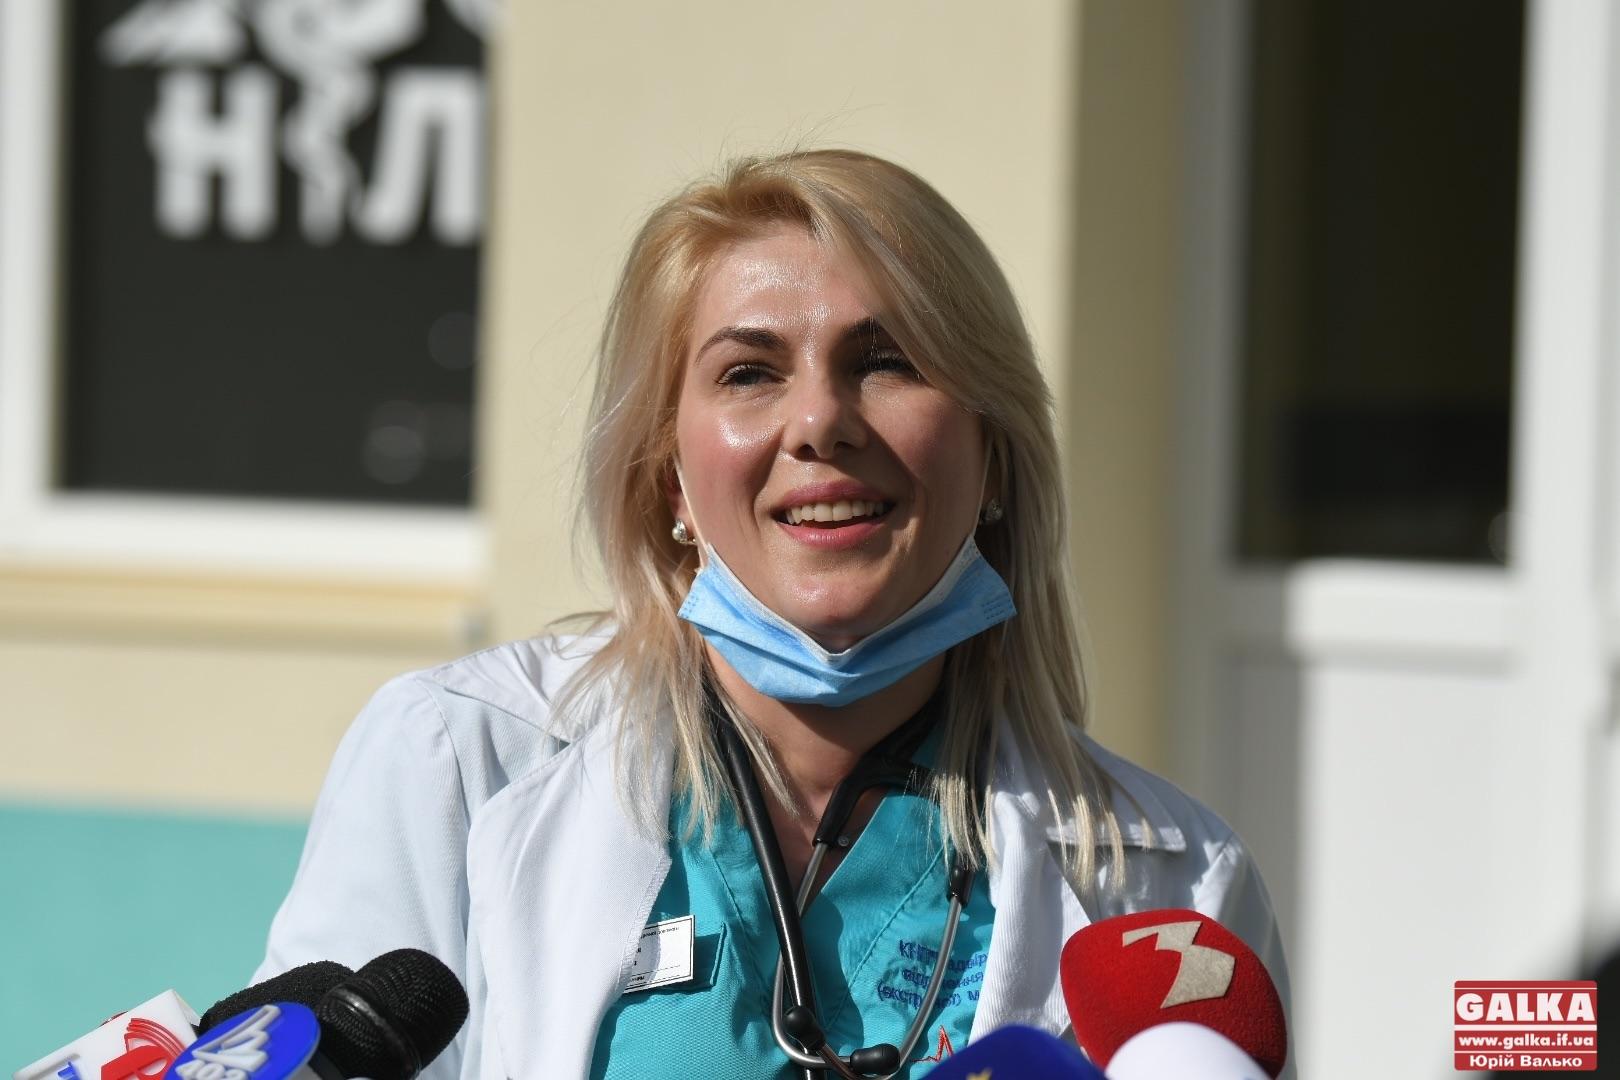 Першою на Прикарпатті вакцину від COVID-19 отримала надвірнянська лікарка (ФОТО)